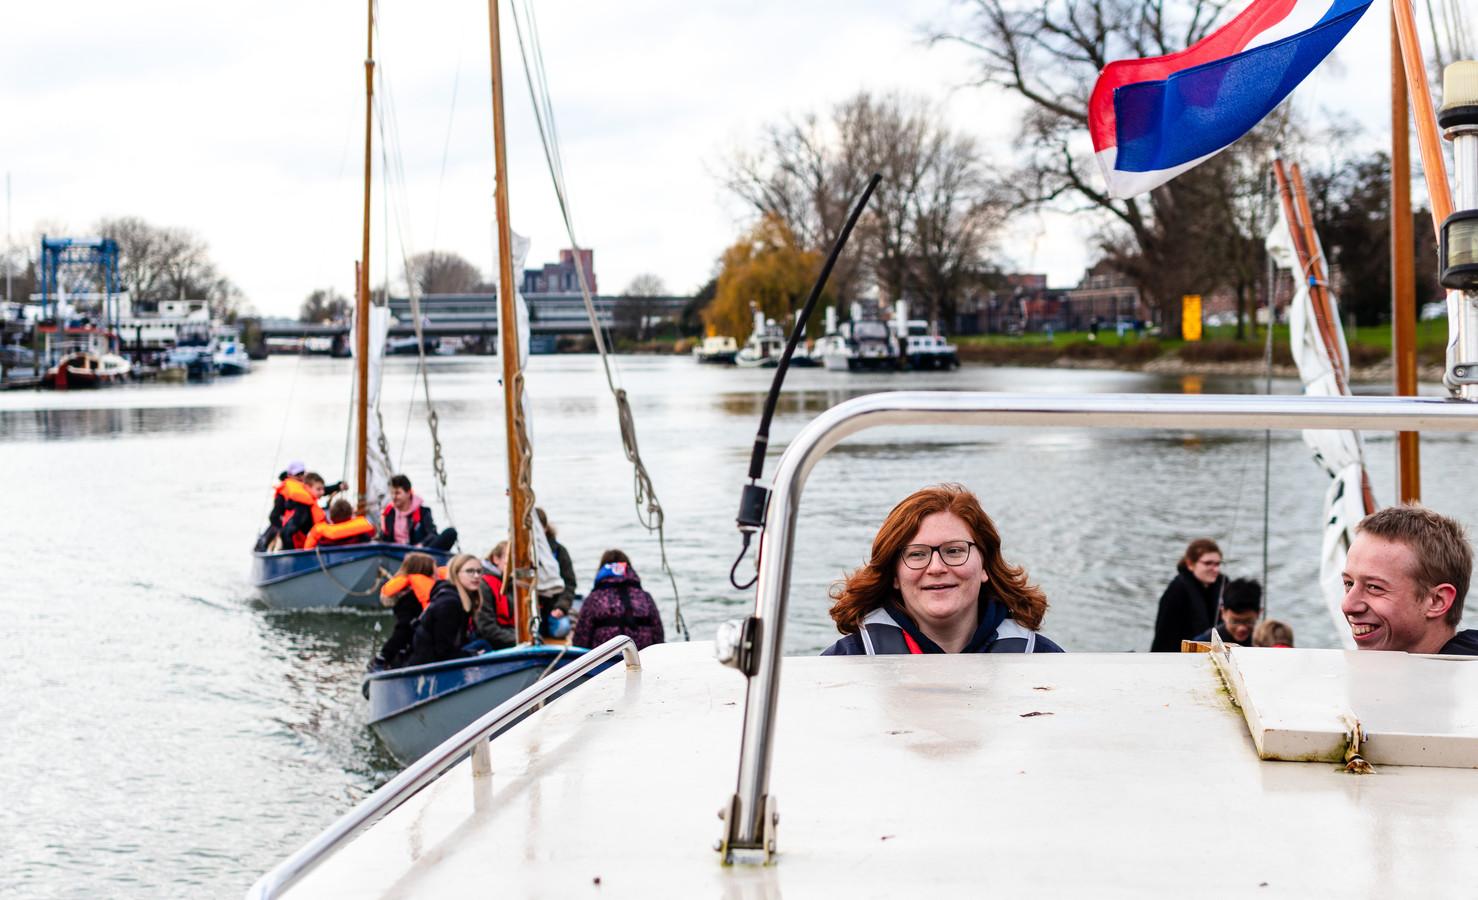 Vrijwilliger Linda Weidenaar (25) is teamleider bij Scouting Willem de Zwijgergroep III. Elke zaterdagmiddag doen de kinderen activiteiten op het water.